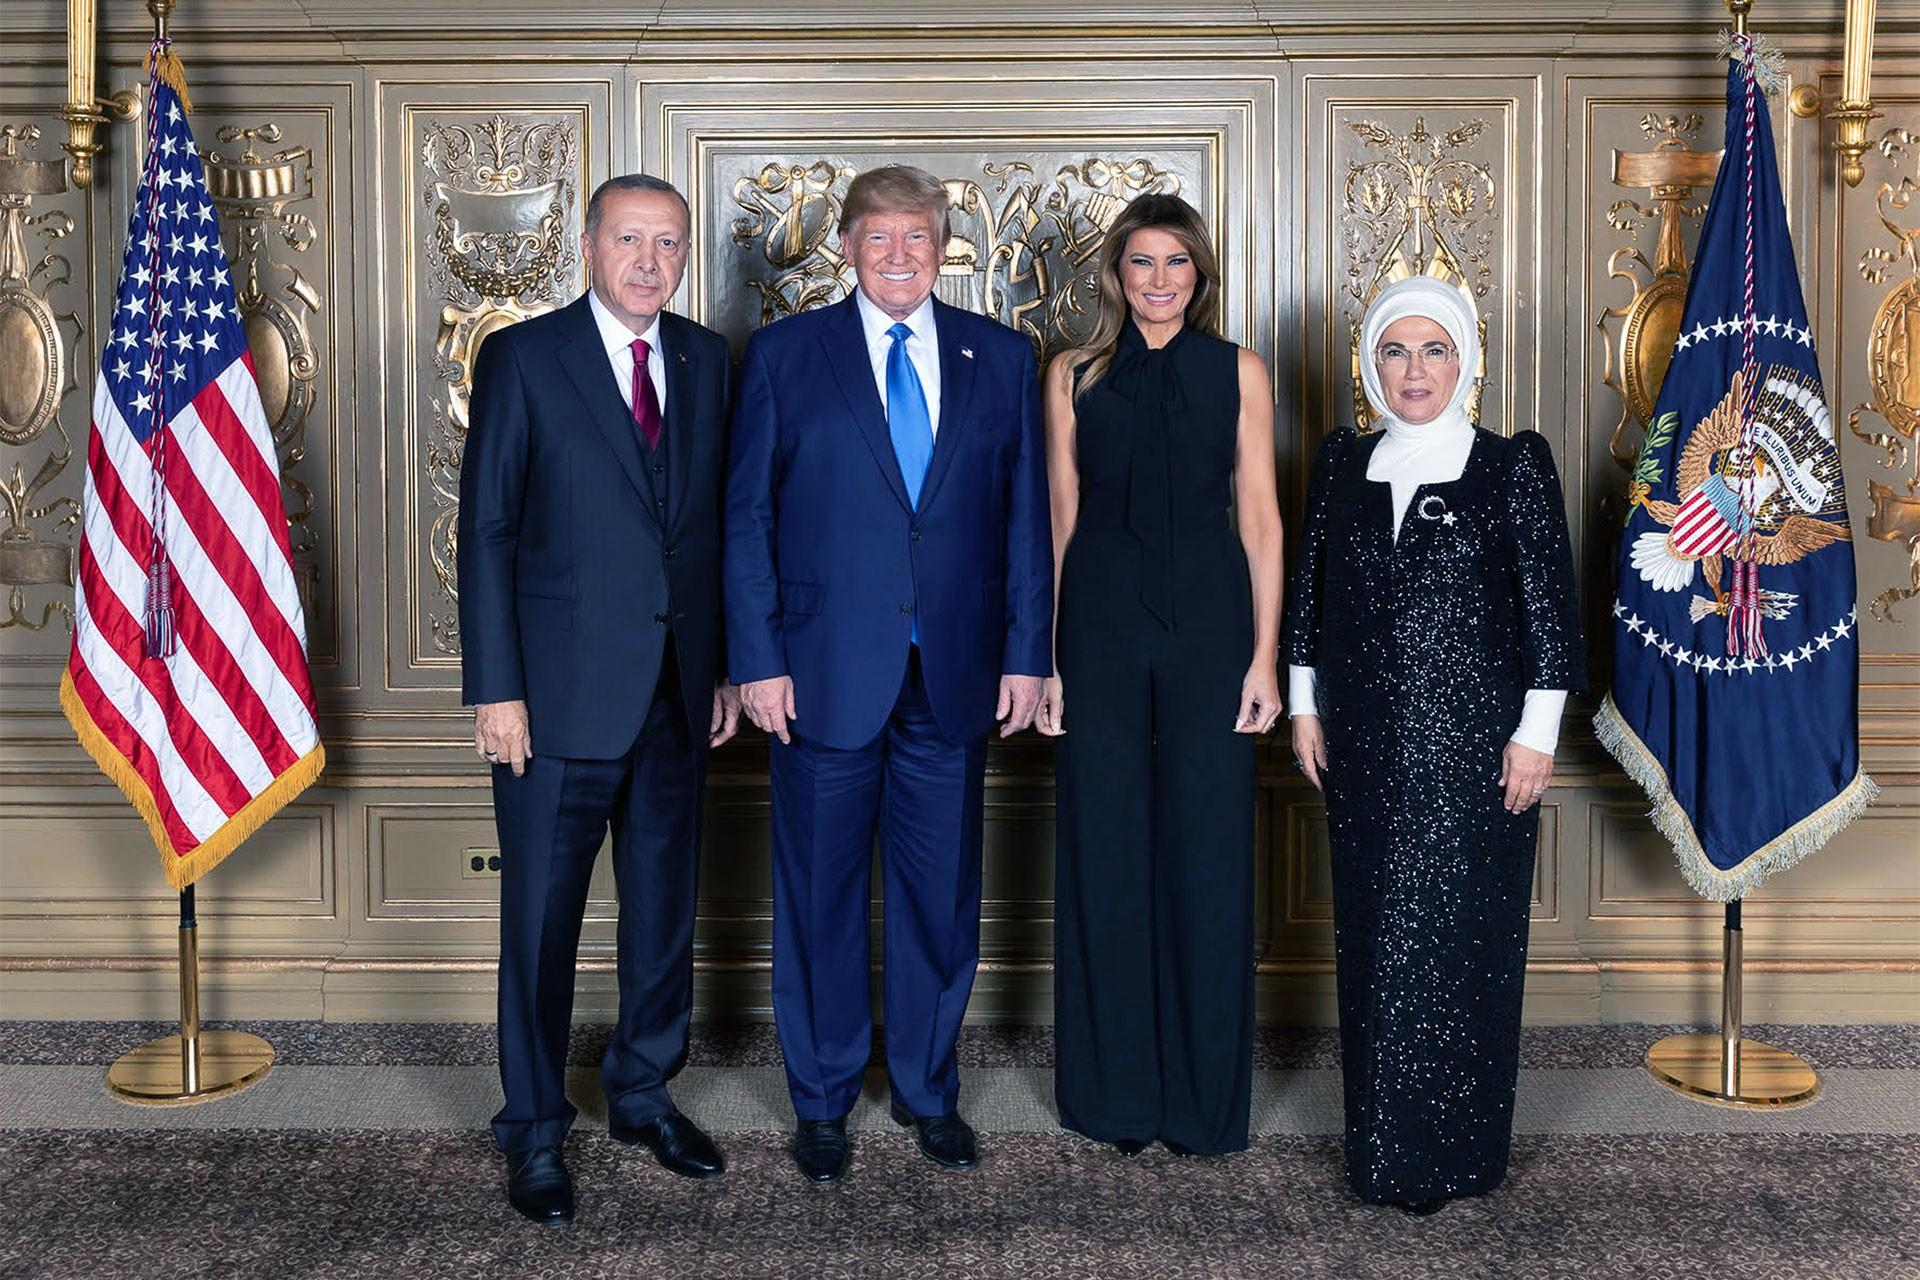 Trump 28 liderle görüştü; Erdoğan'la sadece poz verdi